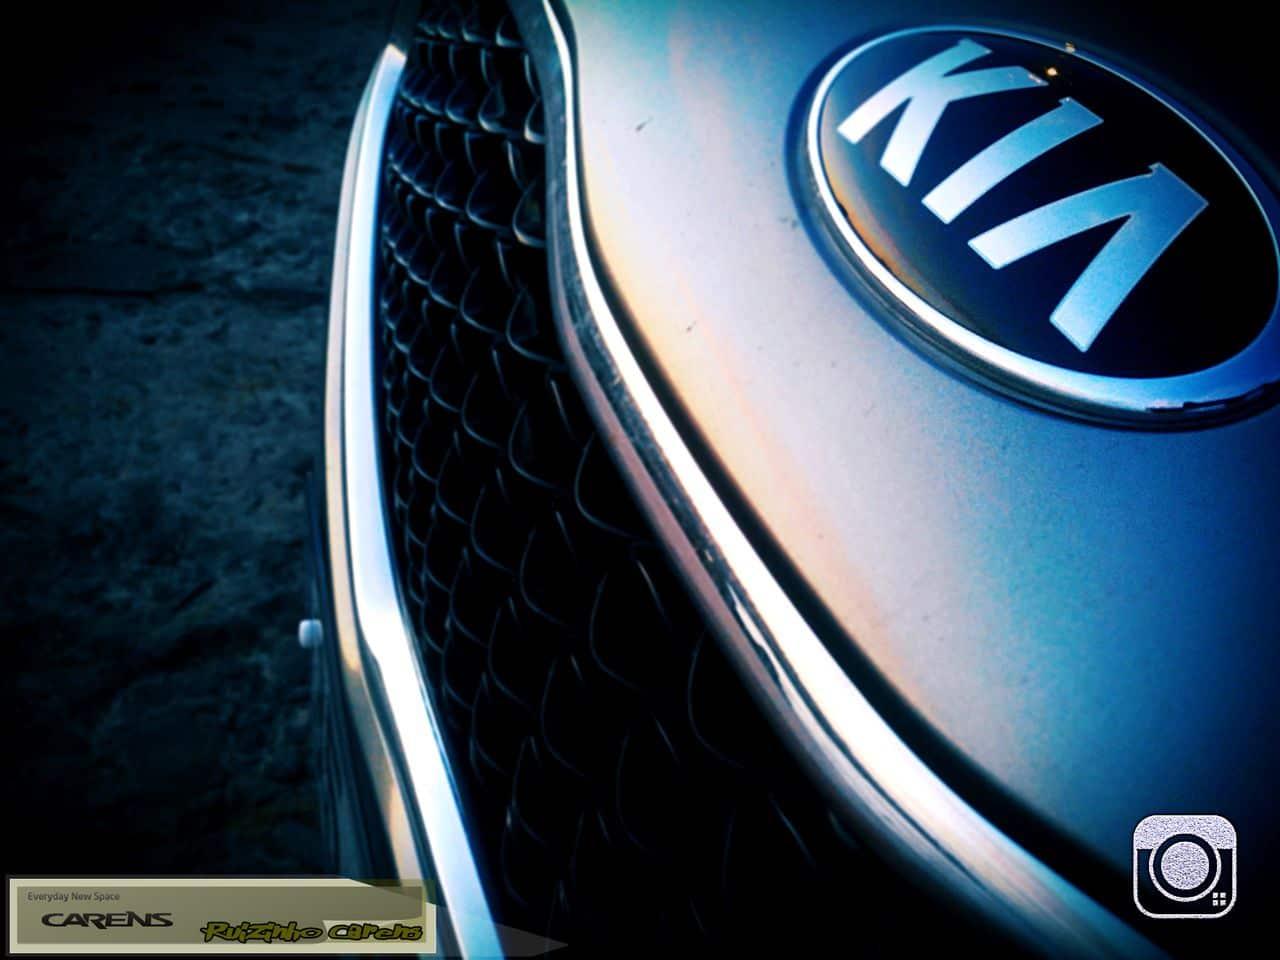 Kia Carens 1.7 TX CRDI 136cv e Kia Cee'd 1.6 CRDI 5p. - DO RUIZINHO  - Página 6 IMG_20150319_185841